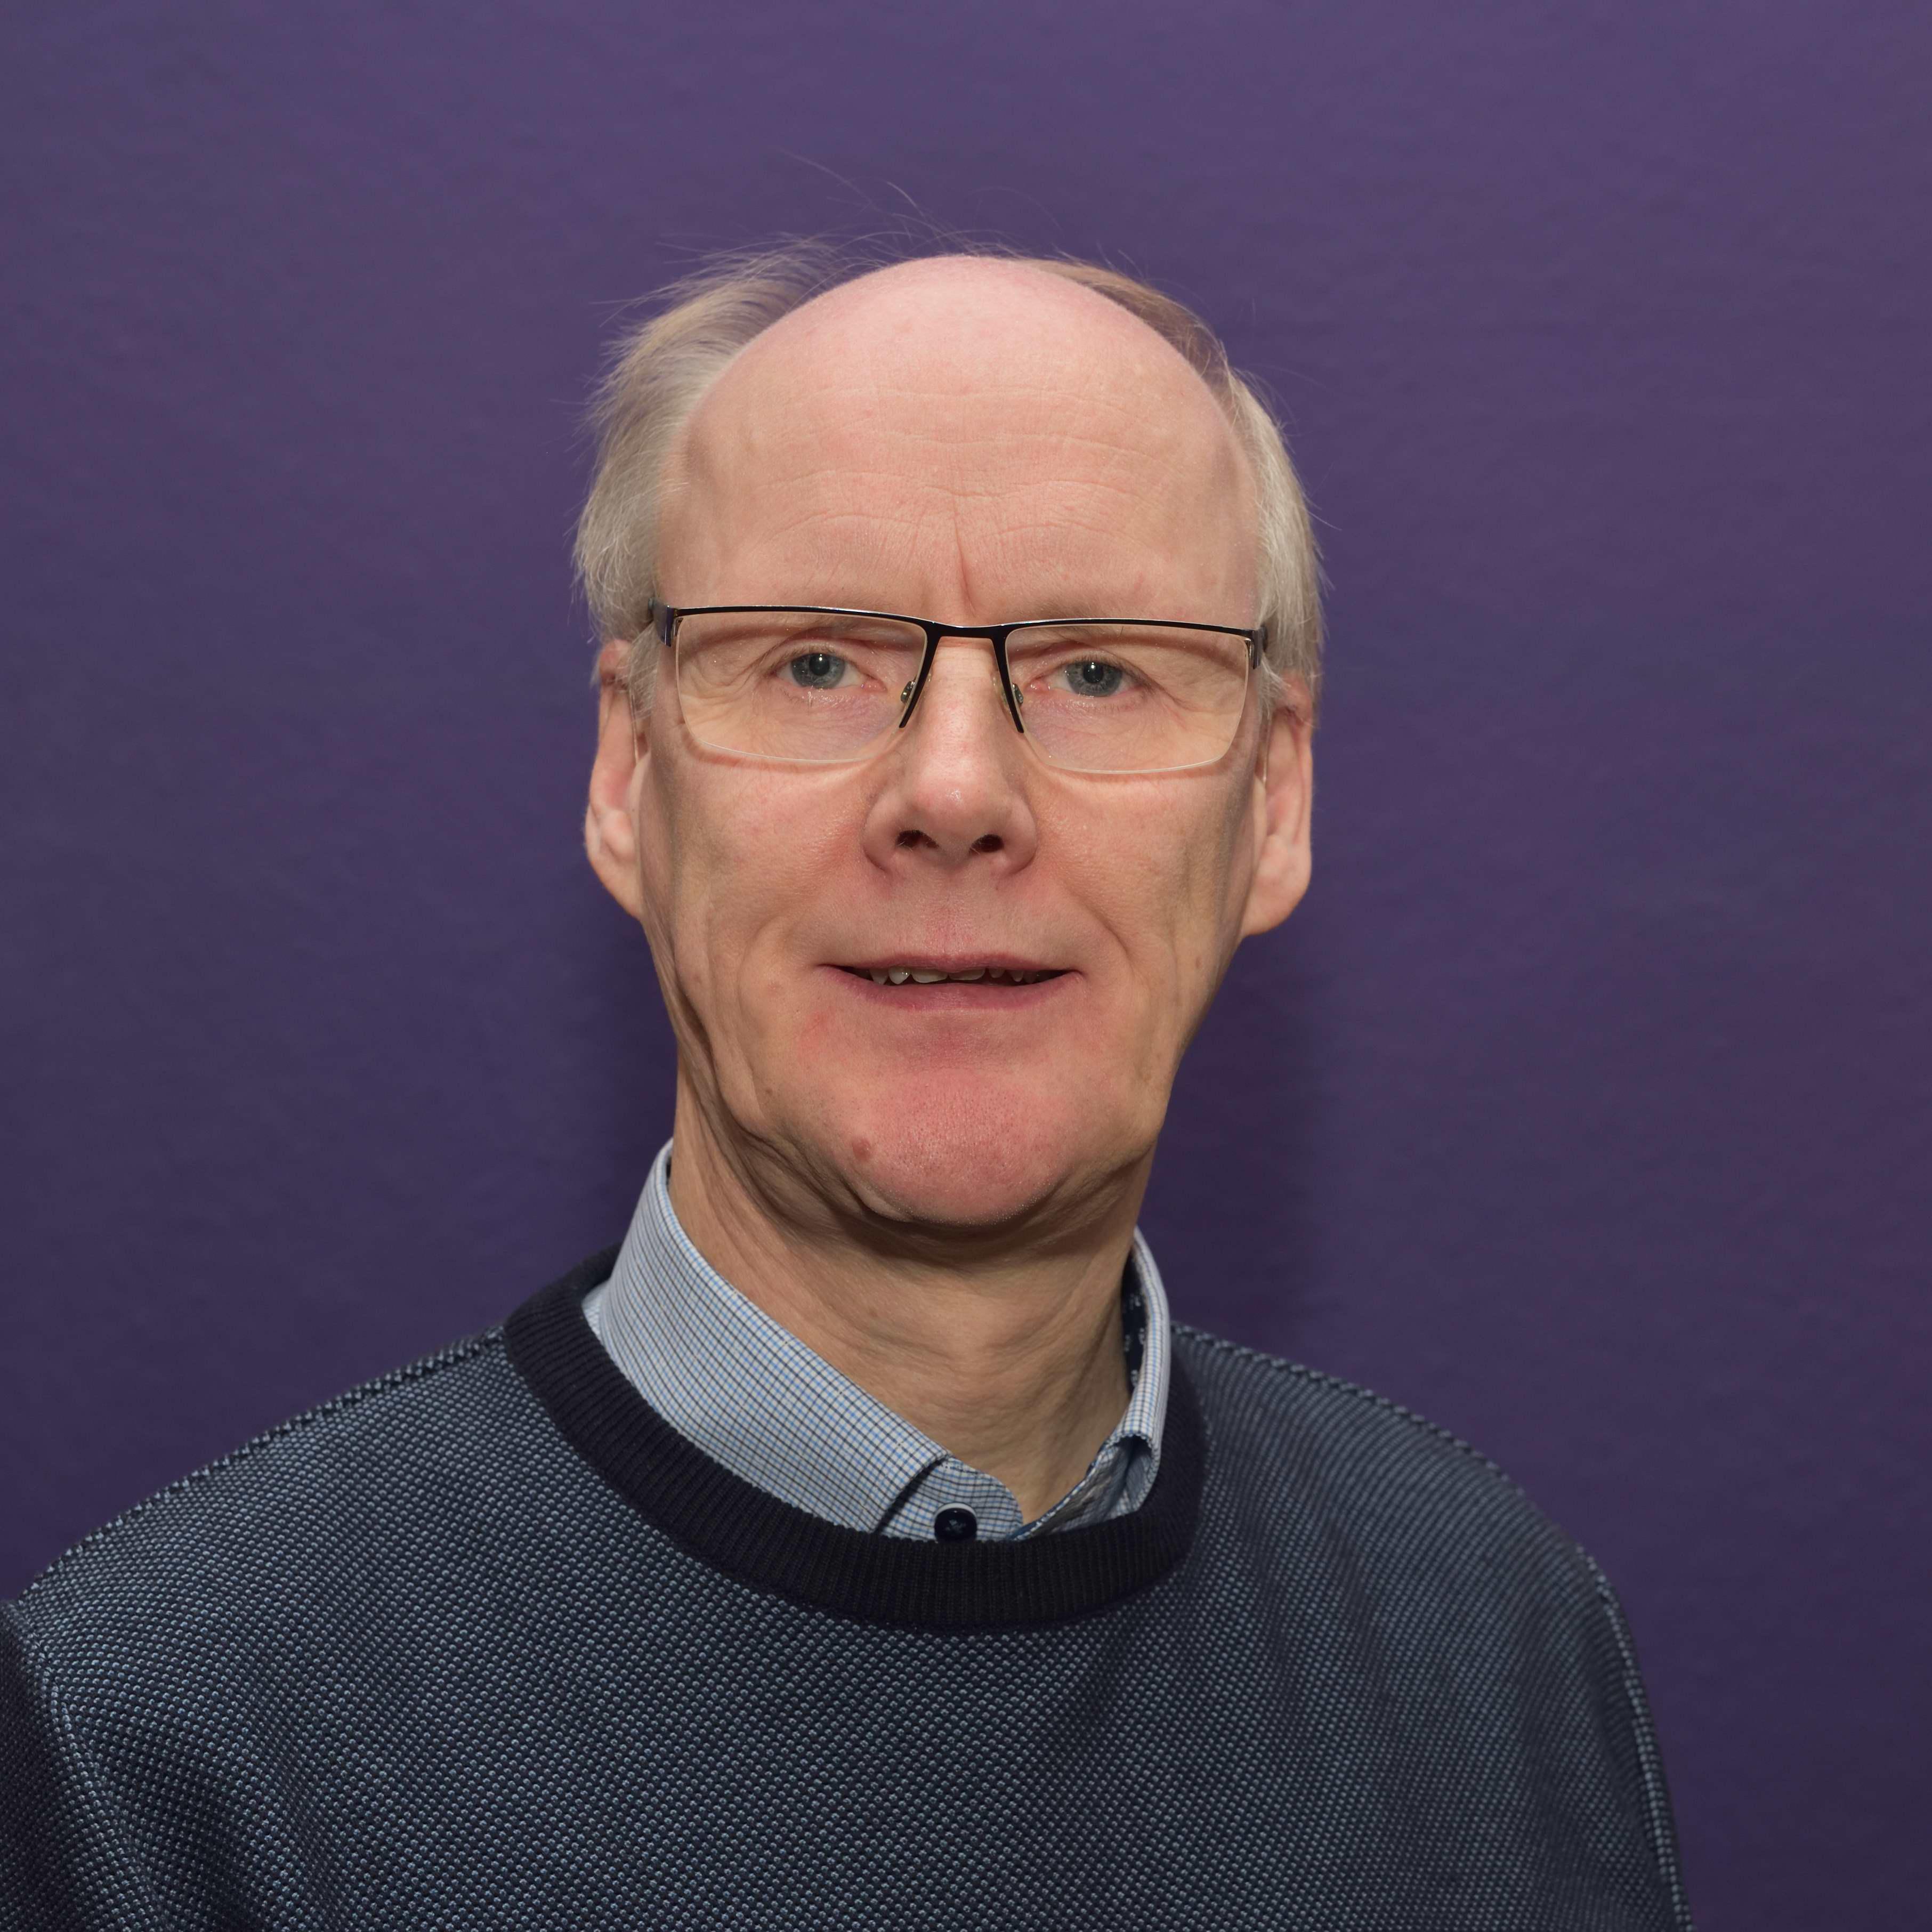 Christian Westphälinger